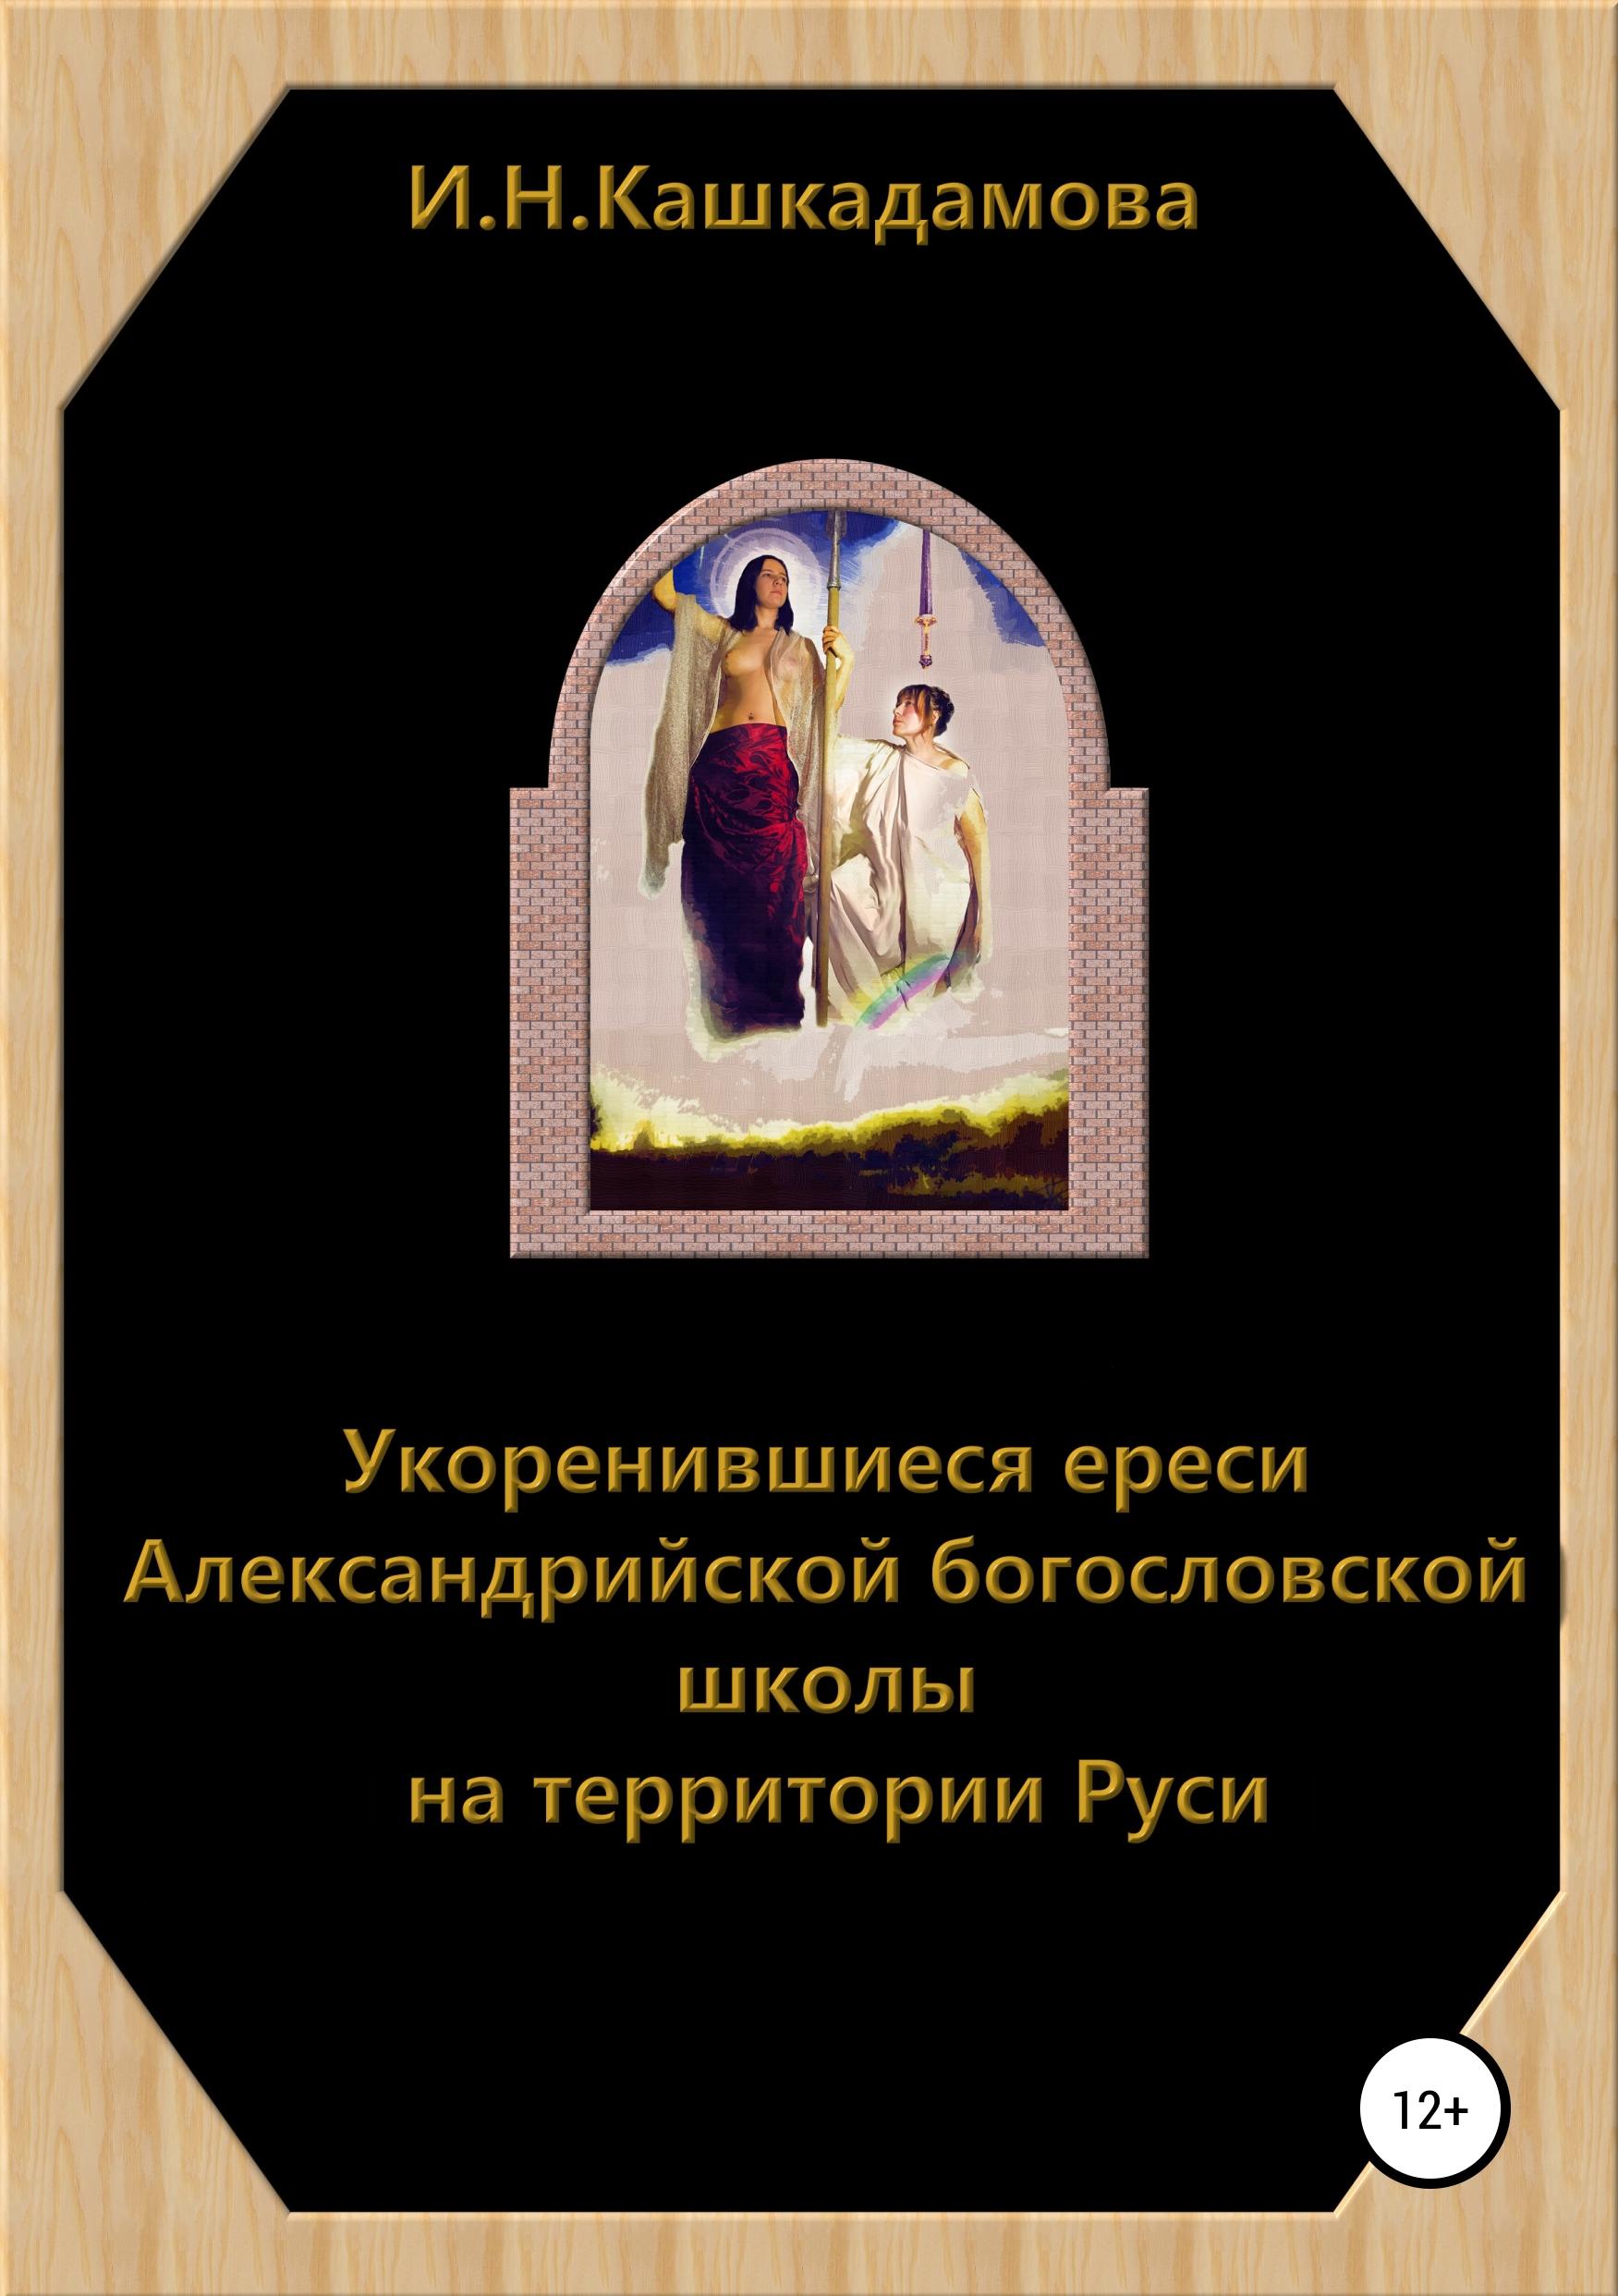 Ирина Николаевна Кашкадамова Укоренившиеся ереси Александрийской богословской школы на территории Руси